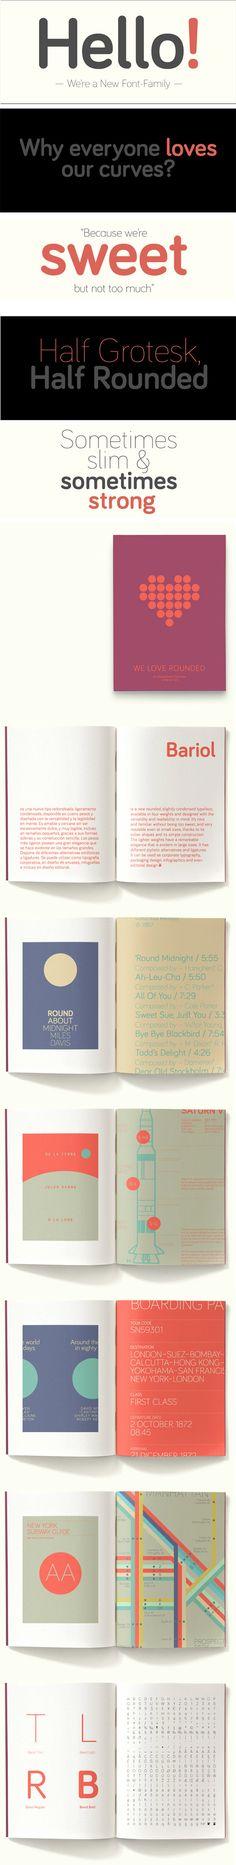 Bariol, une superbe typographie gratuite !